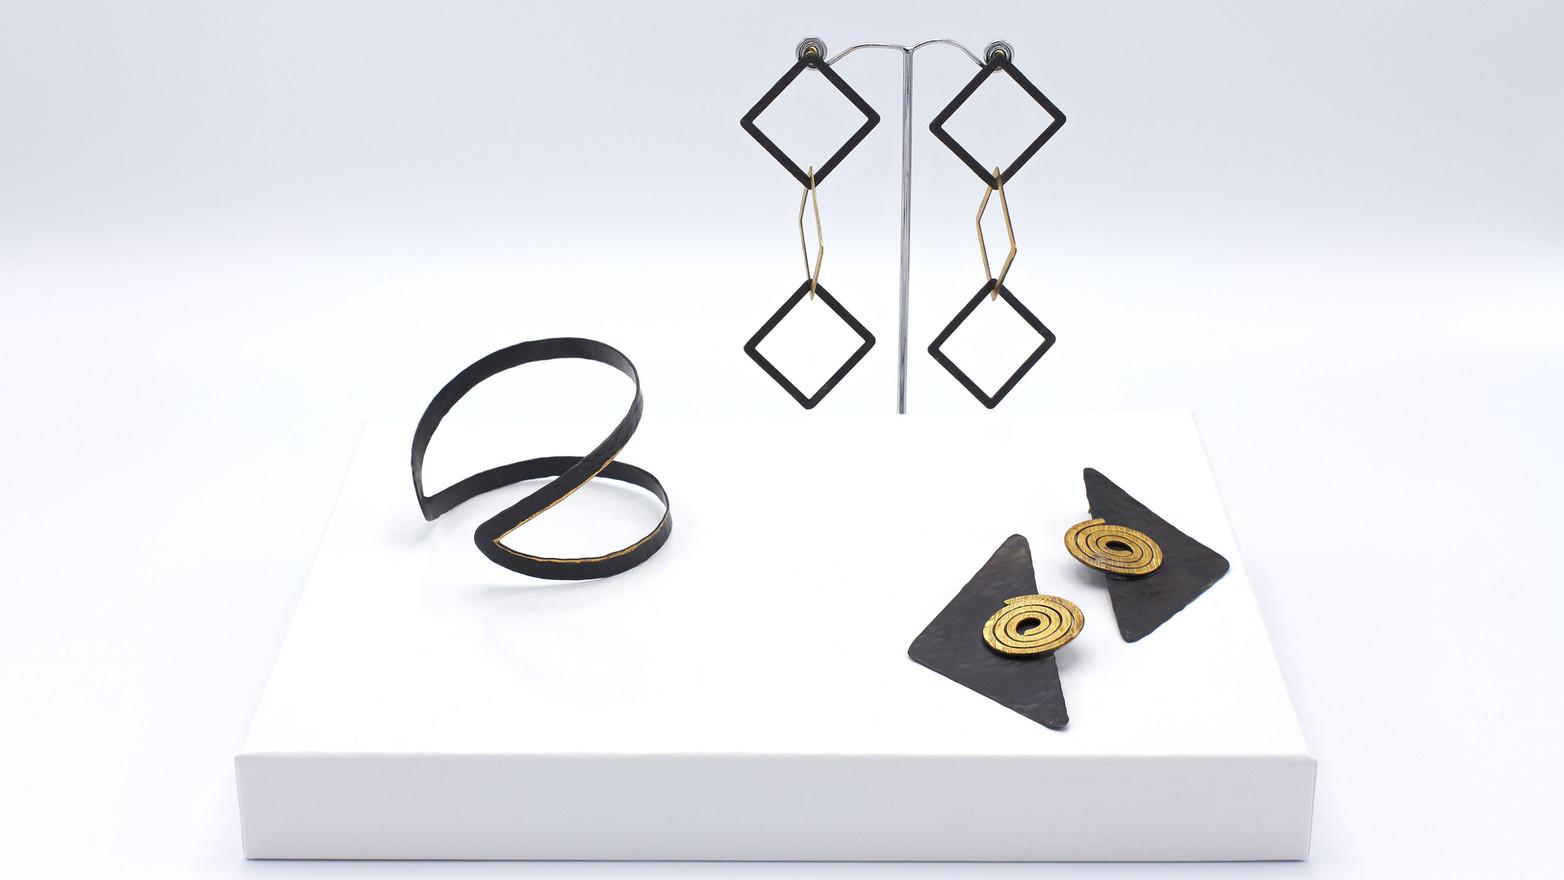 Schmuckstücke aus der Sélection Actuelle mit Schmuck aus der Frühlings Kollektion mit einem Armreif, und zwei Ohrringen aus dunkler Bronze mit vergoldeten Teilen, insbesondere zweier vergoldeter Spiralen